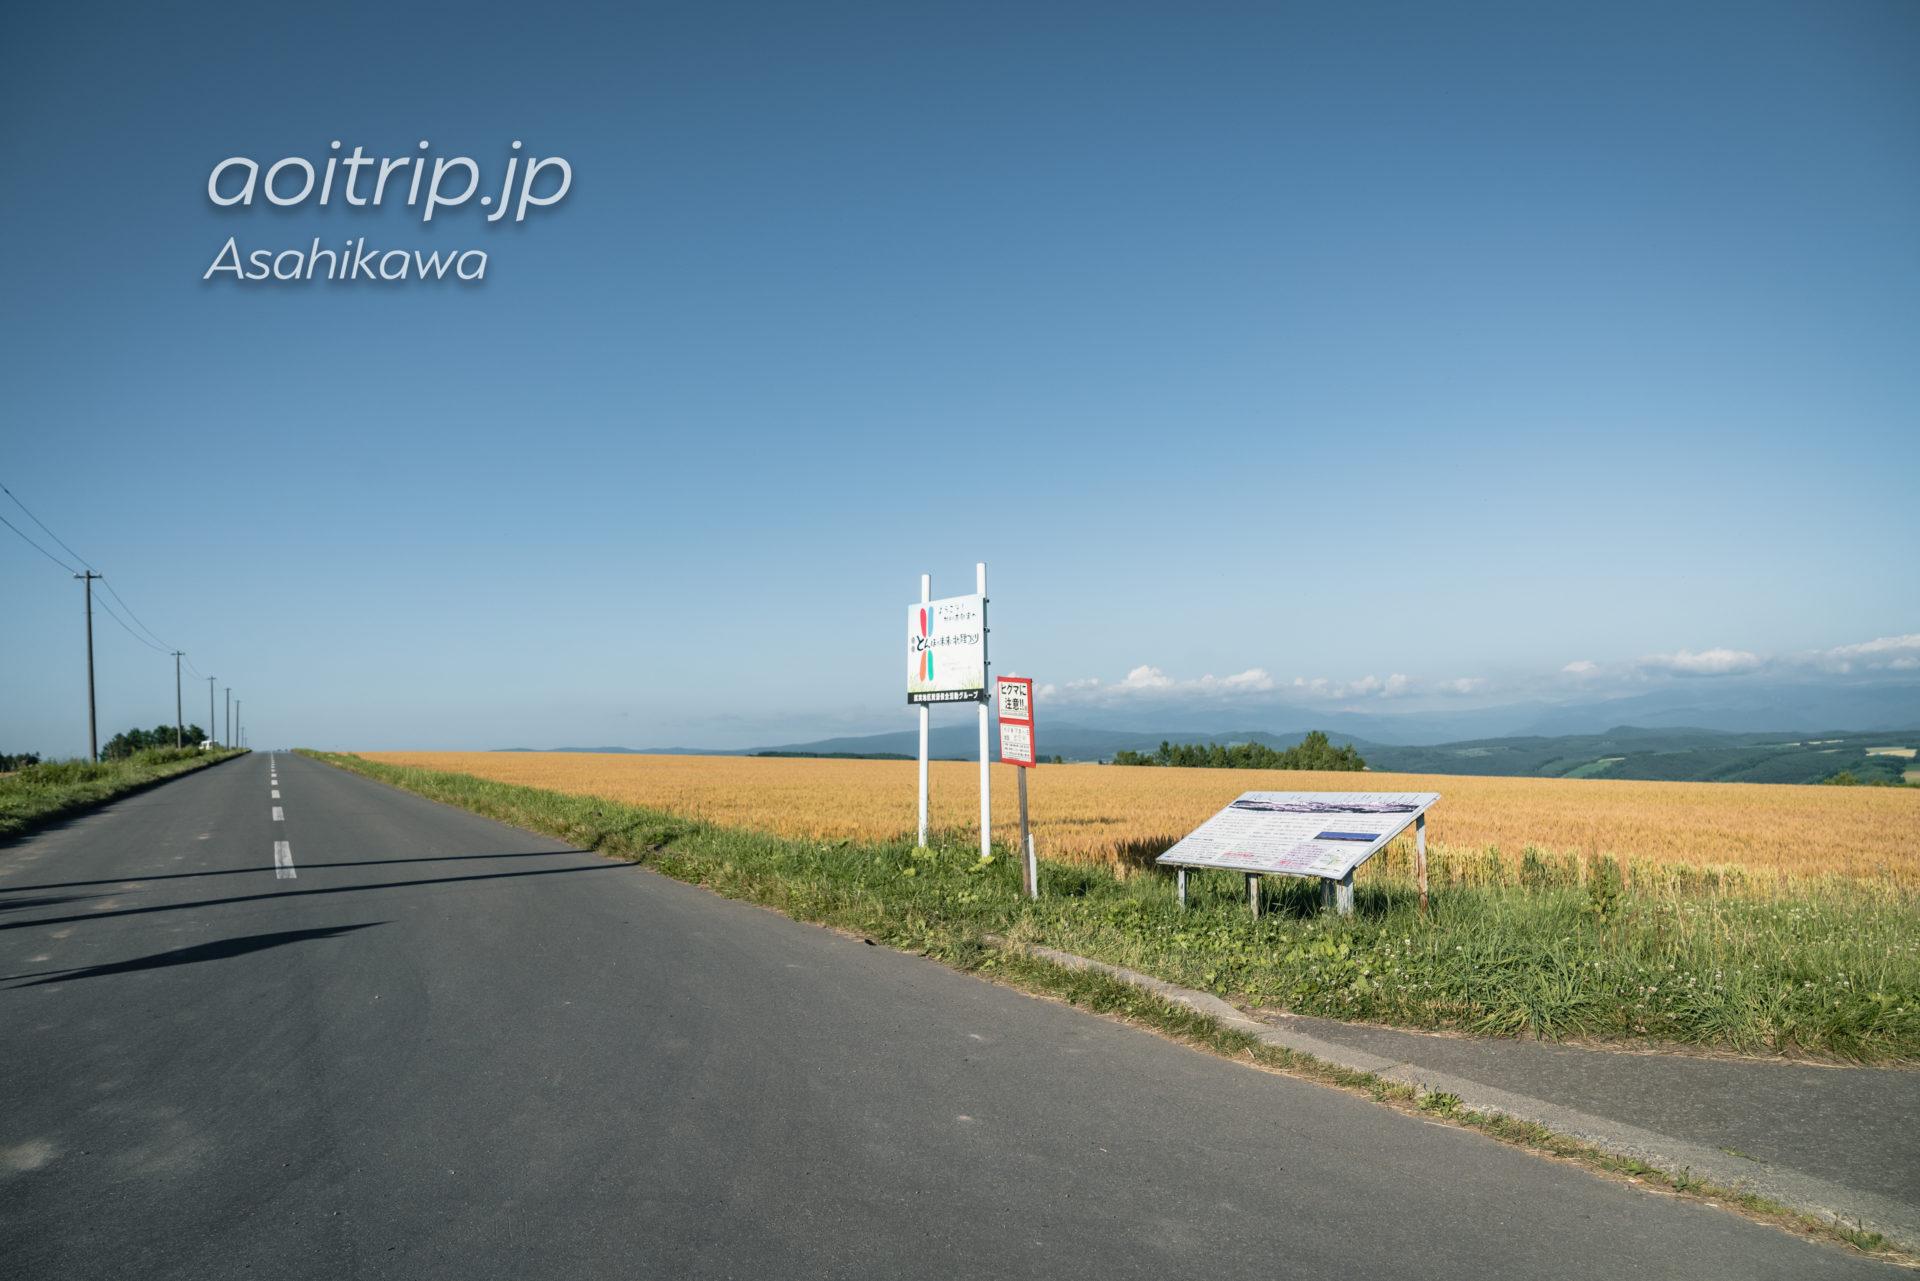 就実の丘(旭川)|Shujitsu no Oka, Asahikawa